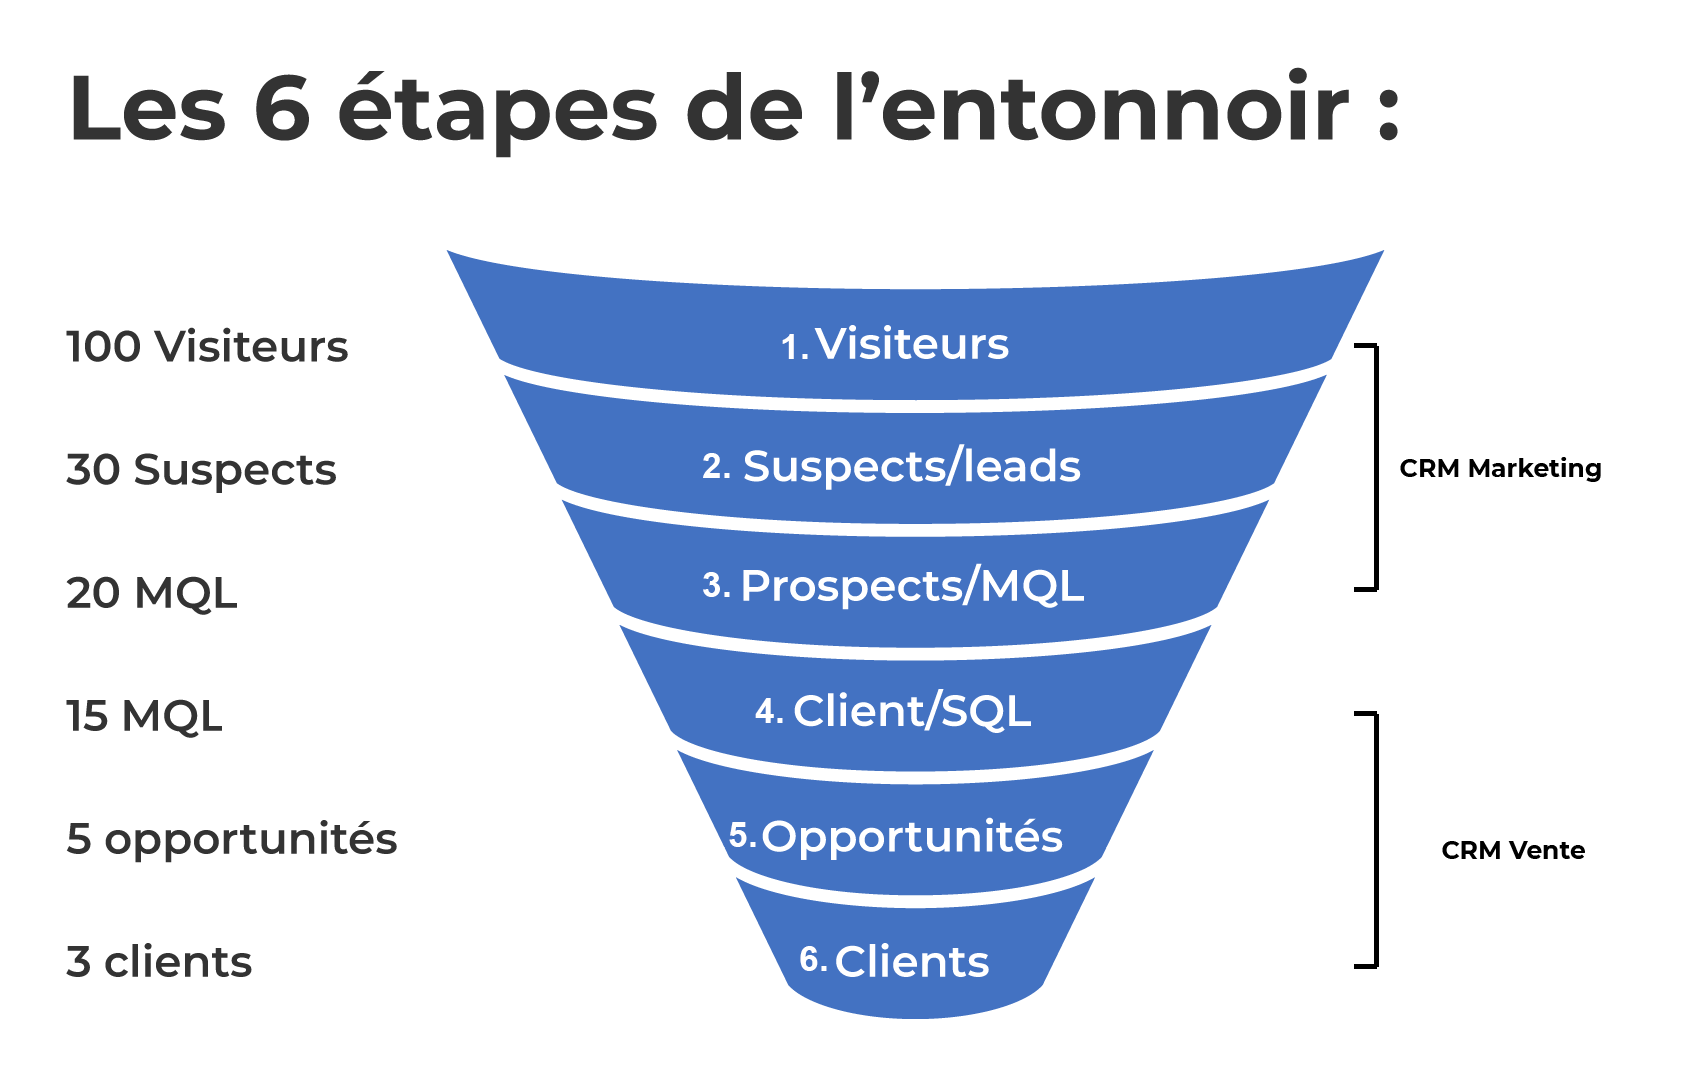 Les 6 étapes de l'entonnoir MQL/SQL : Visiteurs, Supects/leads, Prospects/MQL, Clients/SQL, Opportunités, Clinets